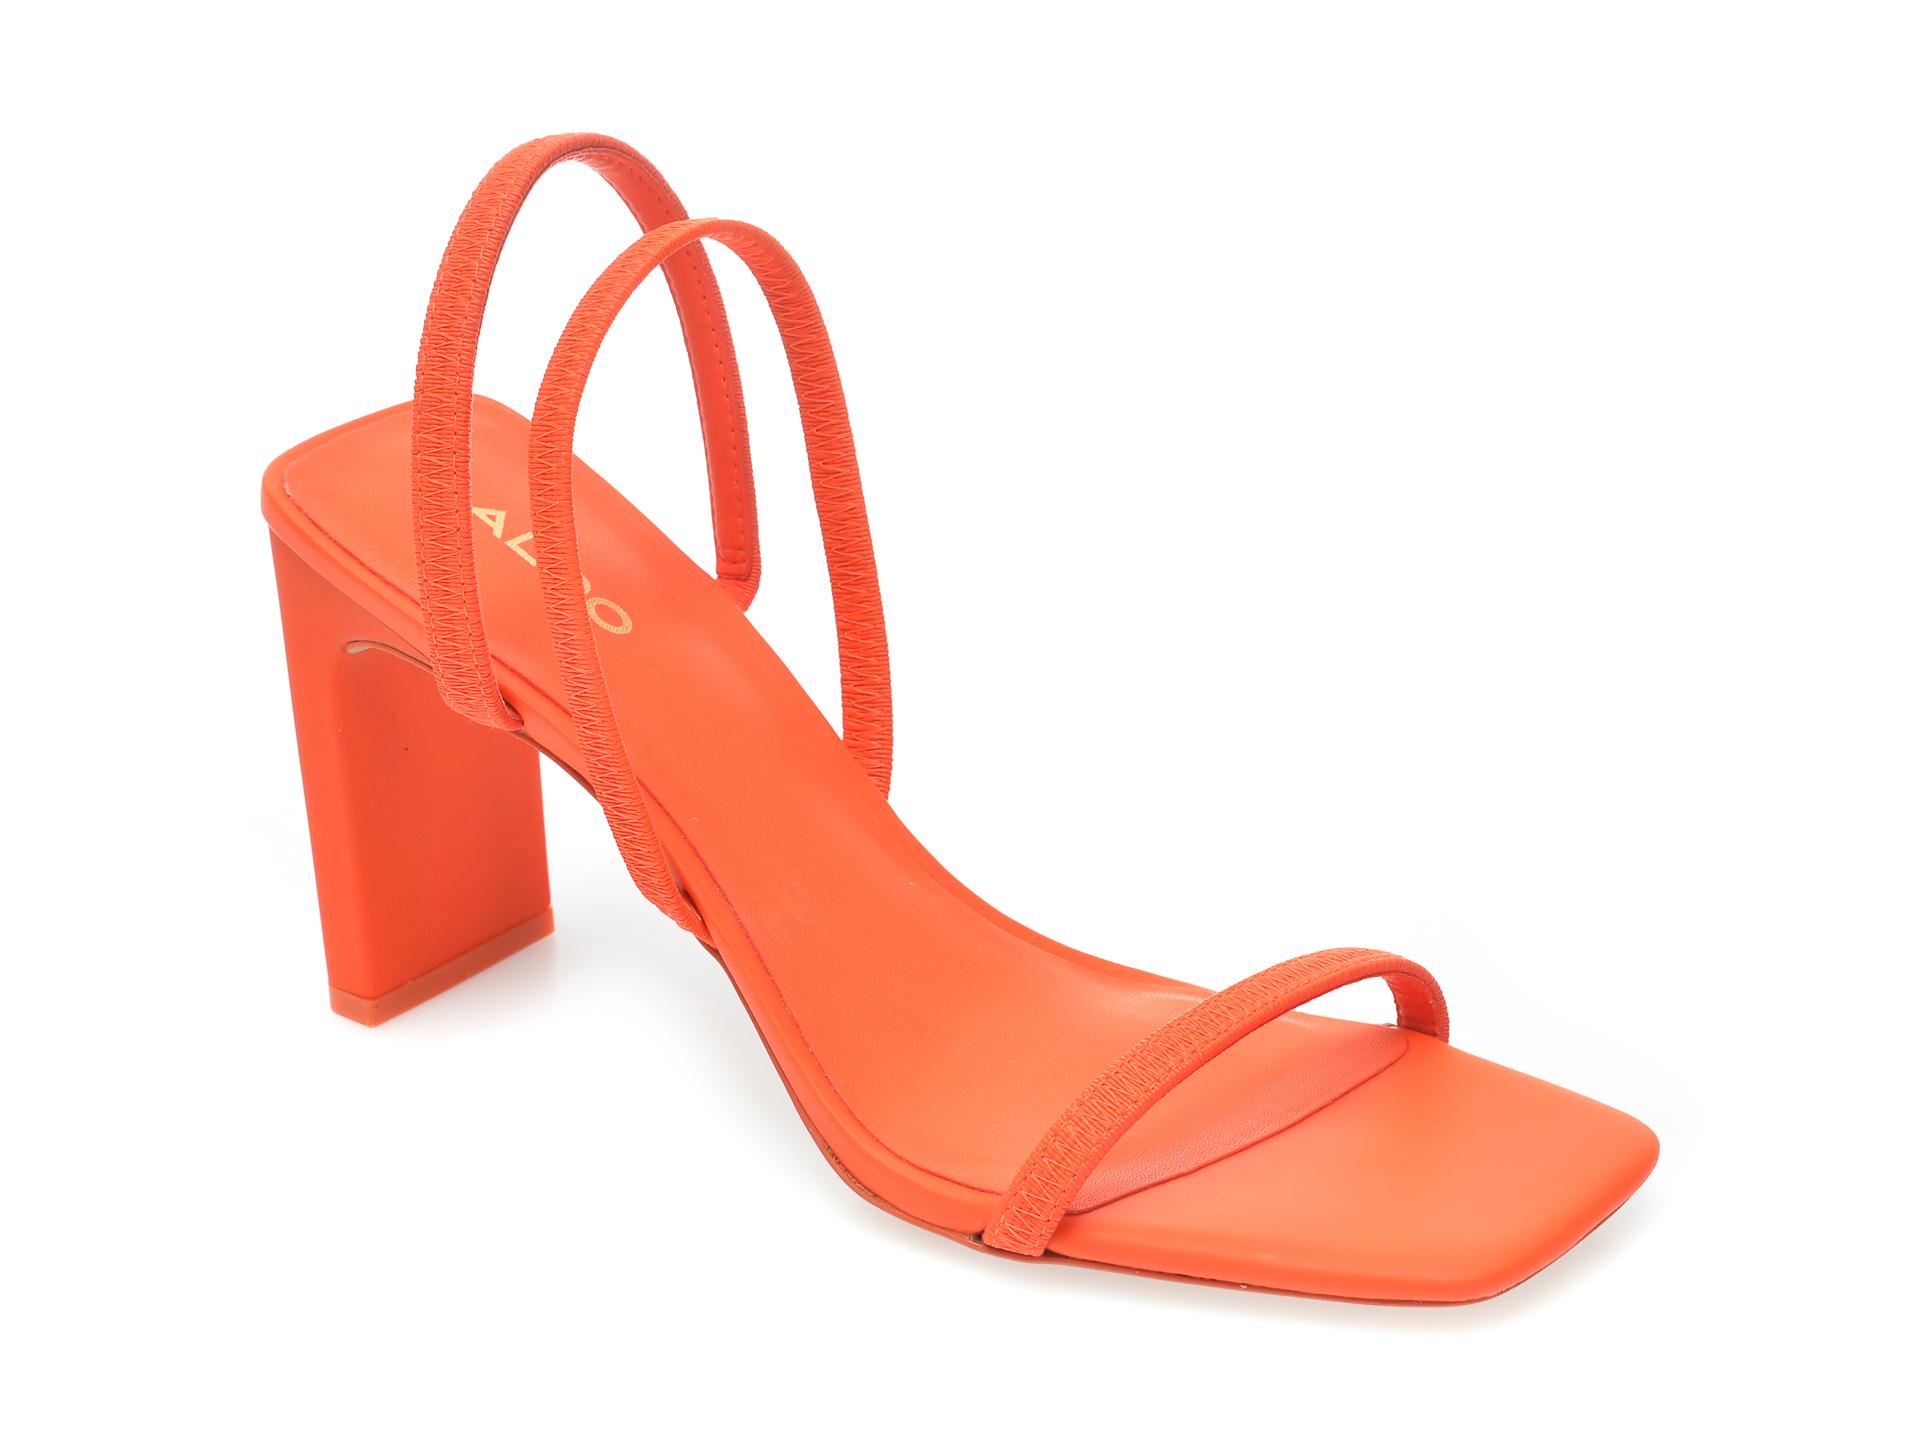 Sandale ALDO portocalii, Okurr600, din piele ecologica imagine otter.ro 2021